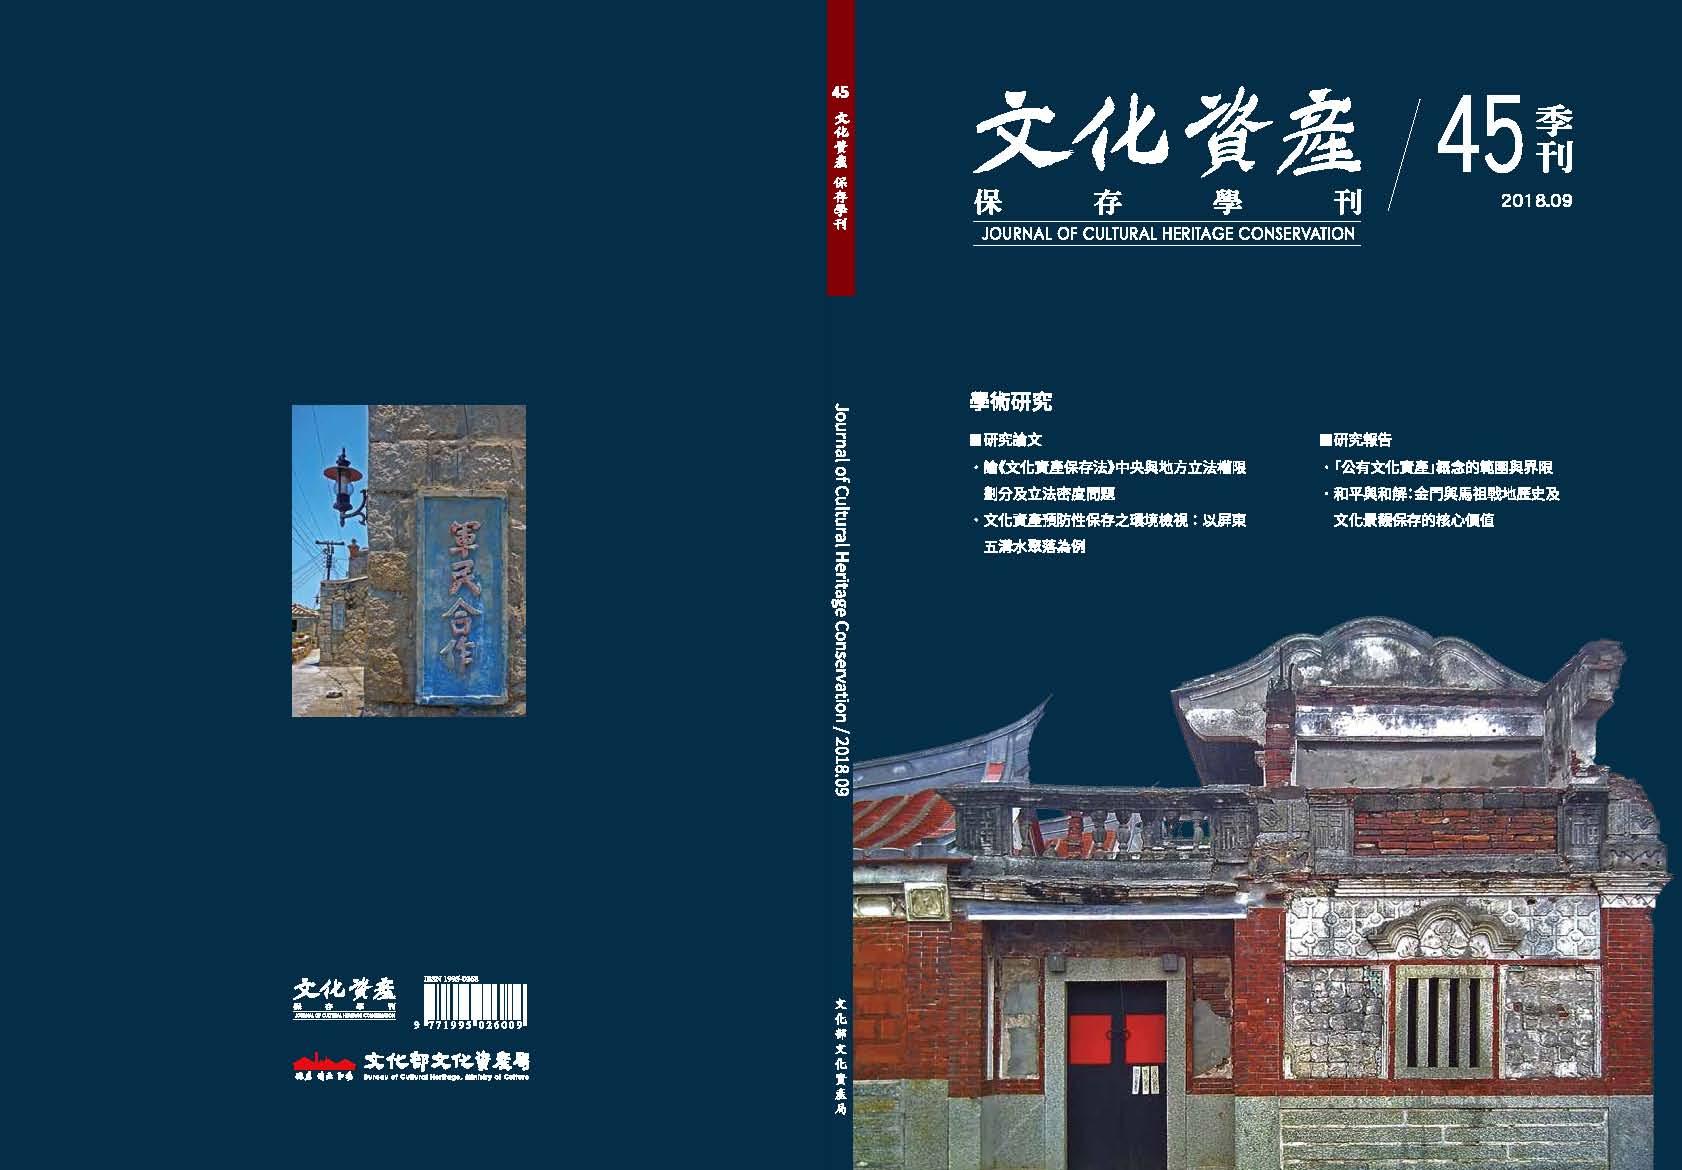 45期文化資產封面-1120_頁面_1.jpg